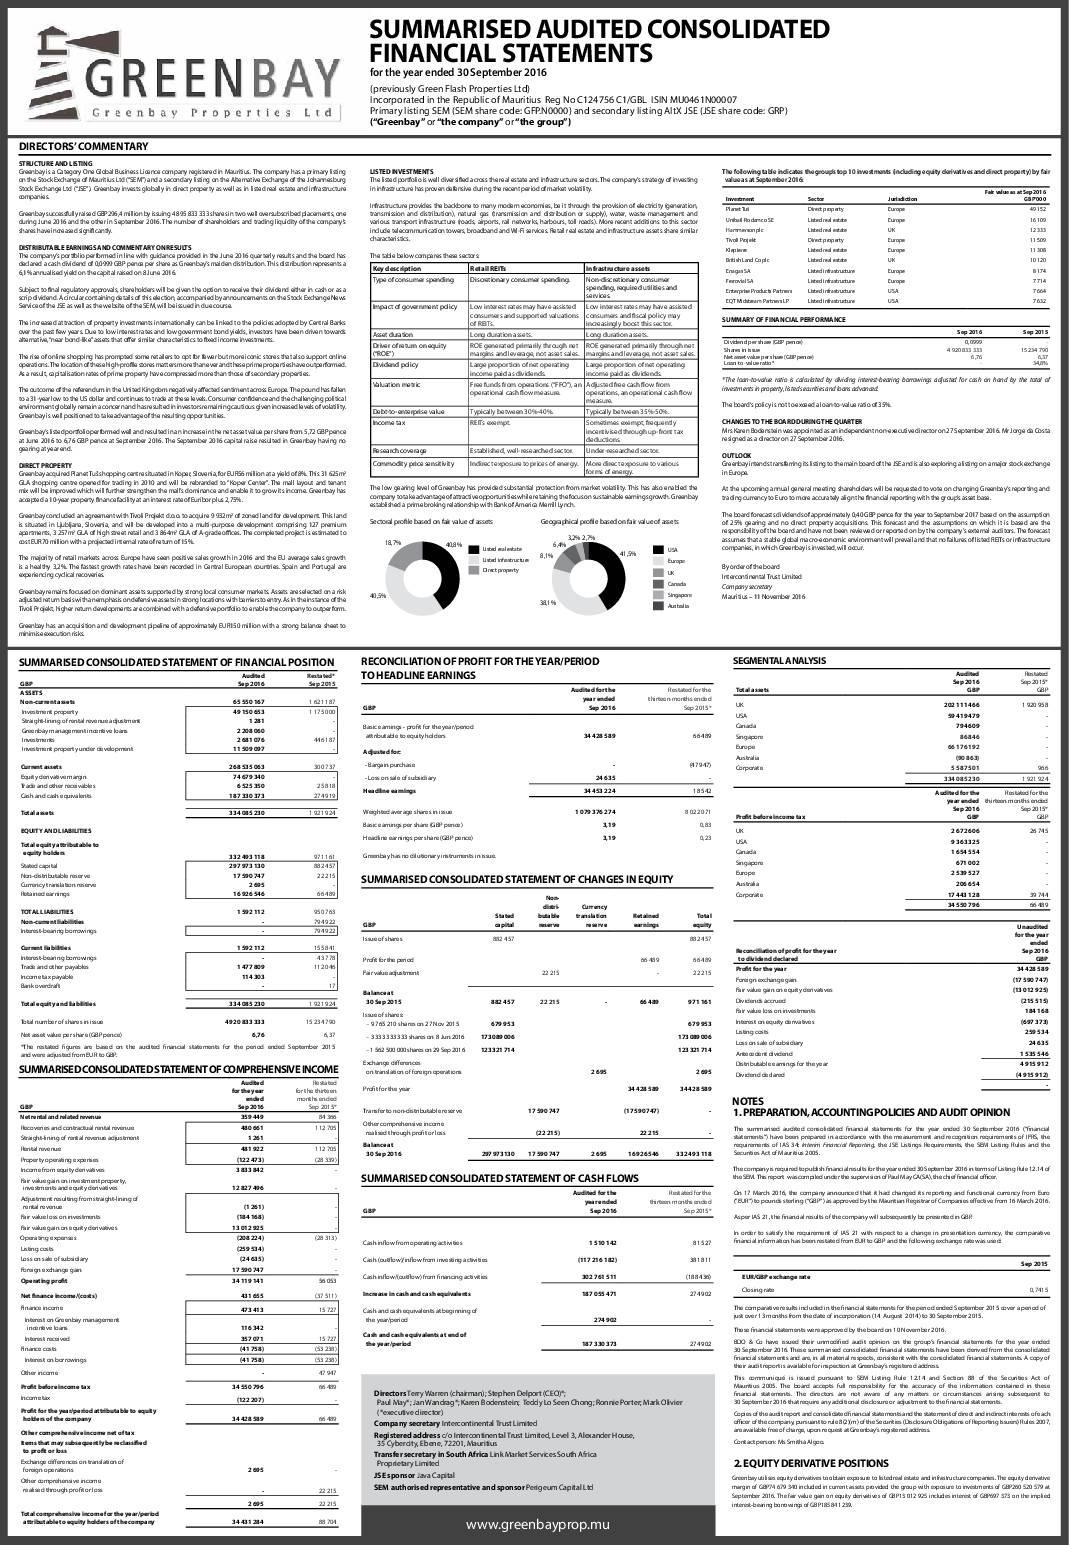 Greenbay Properties Limited (GFB.mu) 2016 Abridged Report